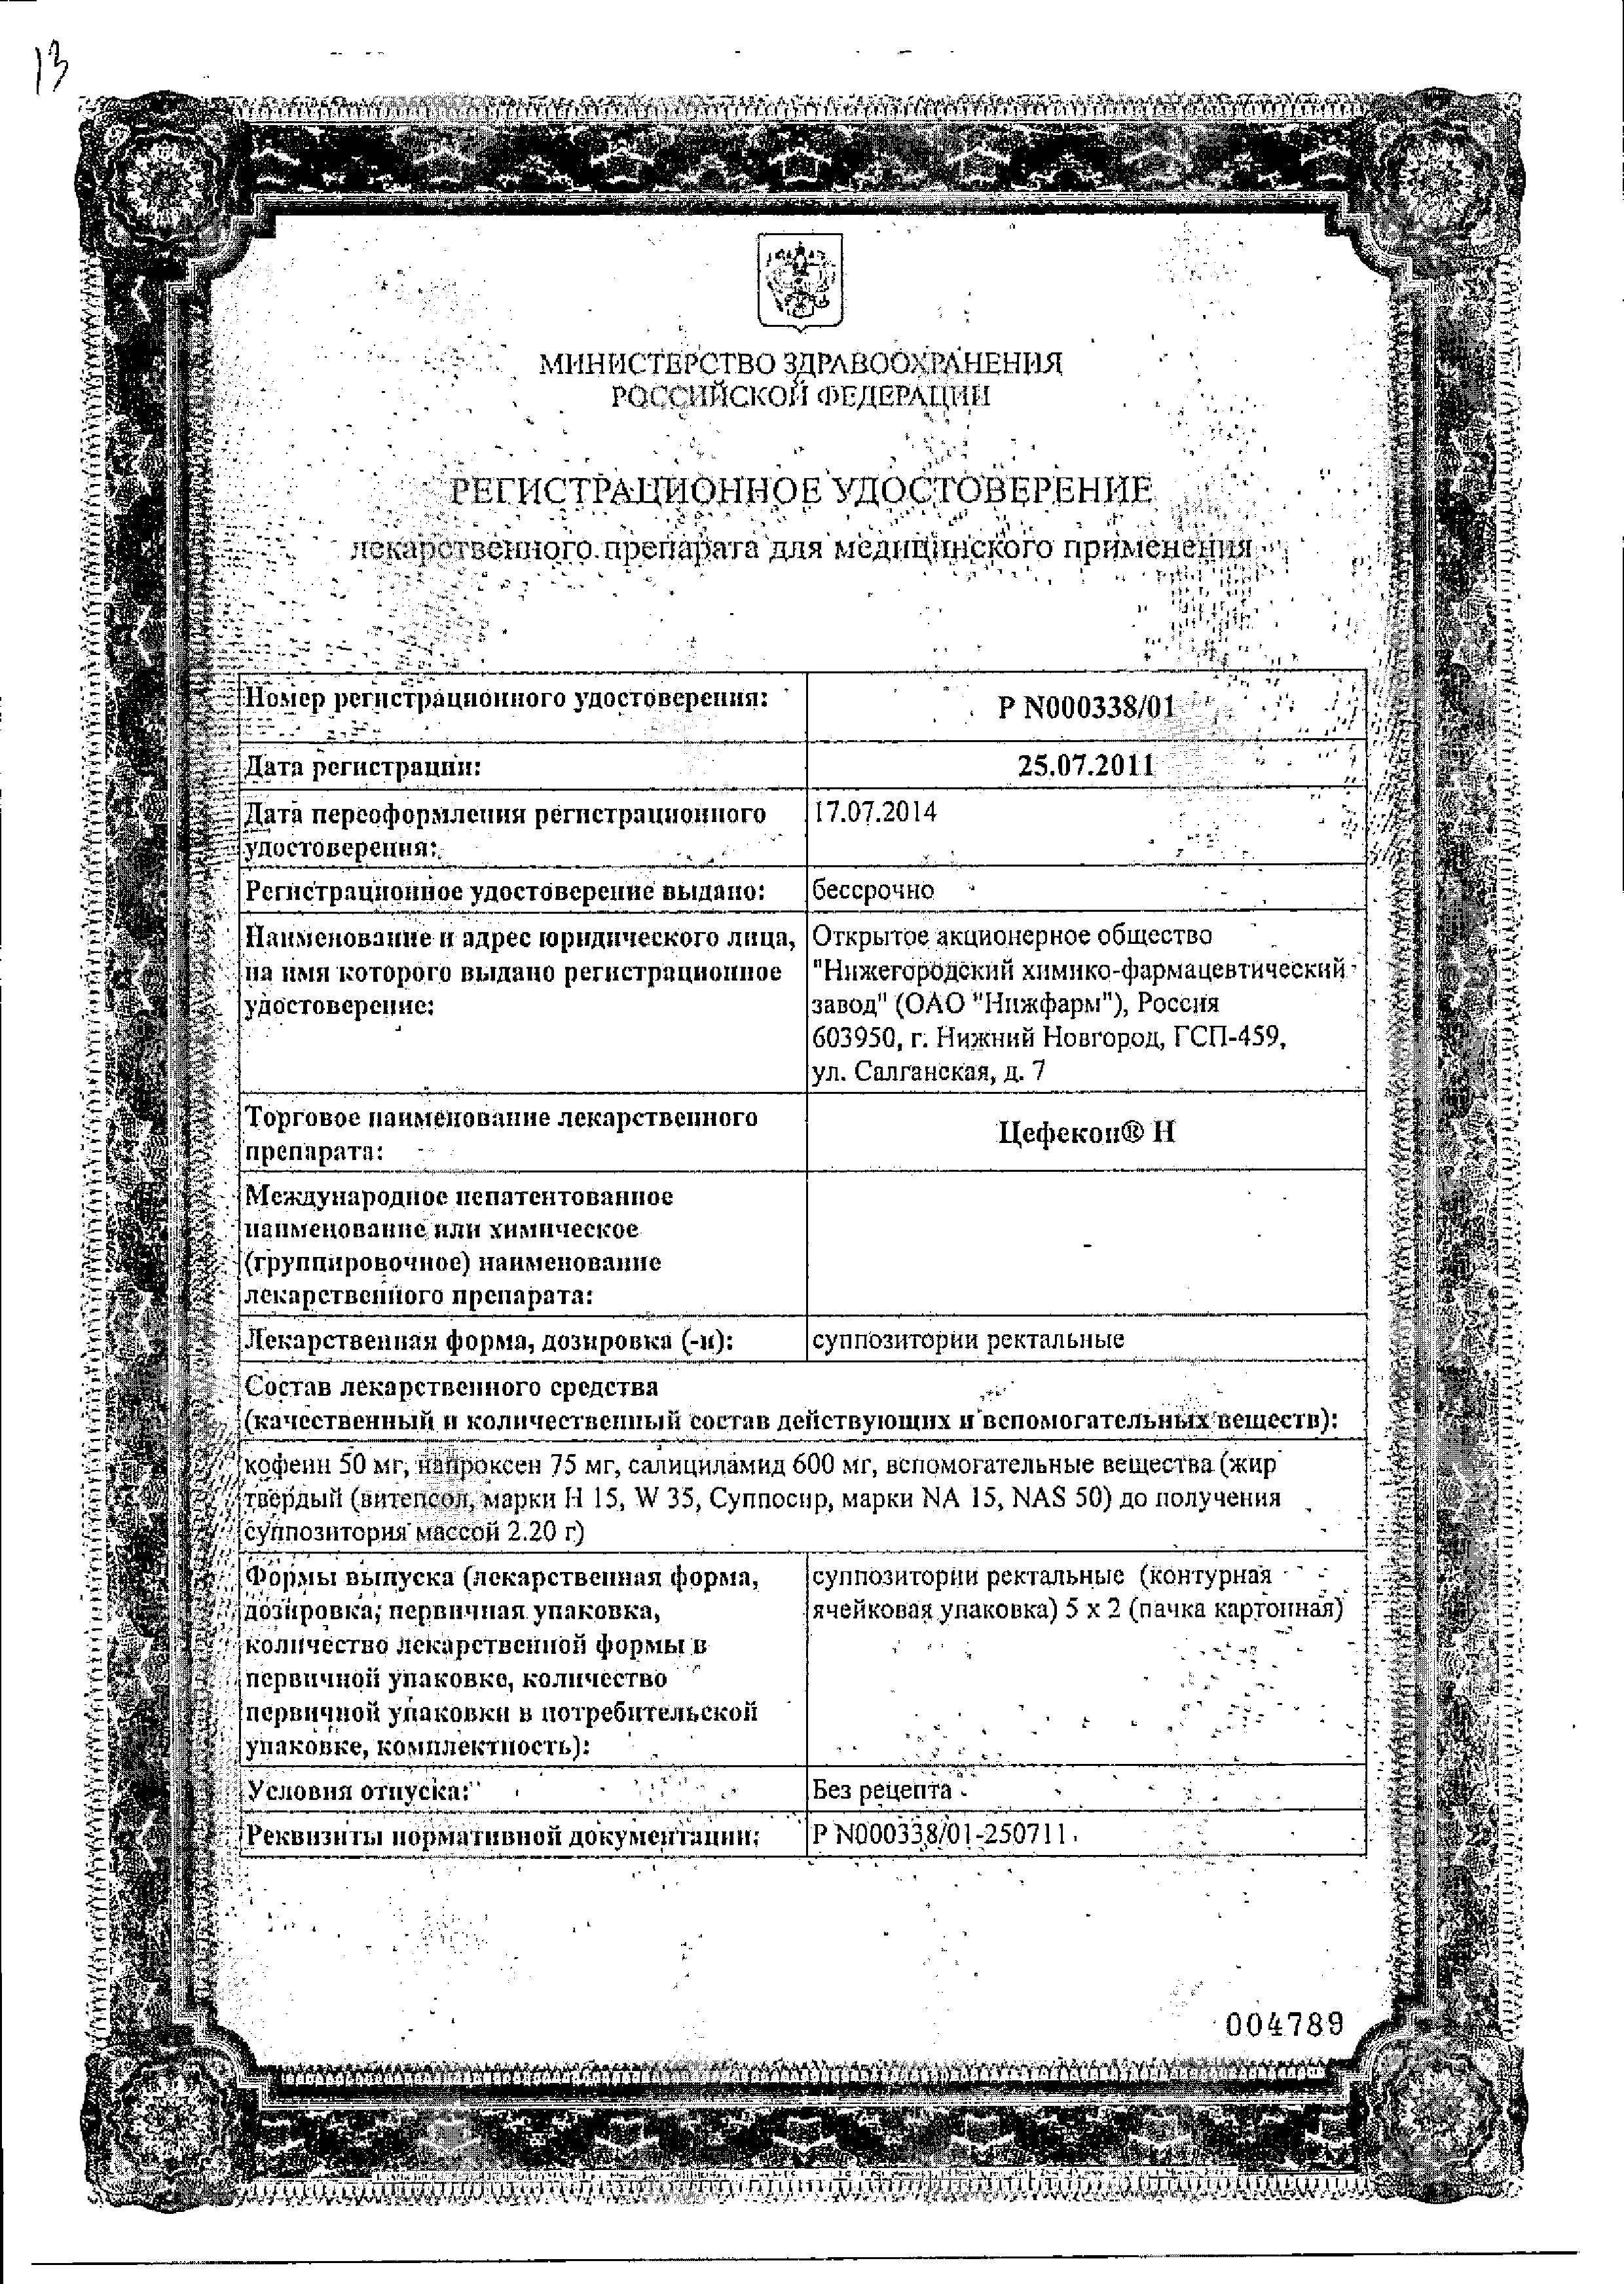 Цефекон Н сертификат